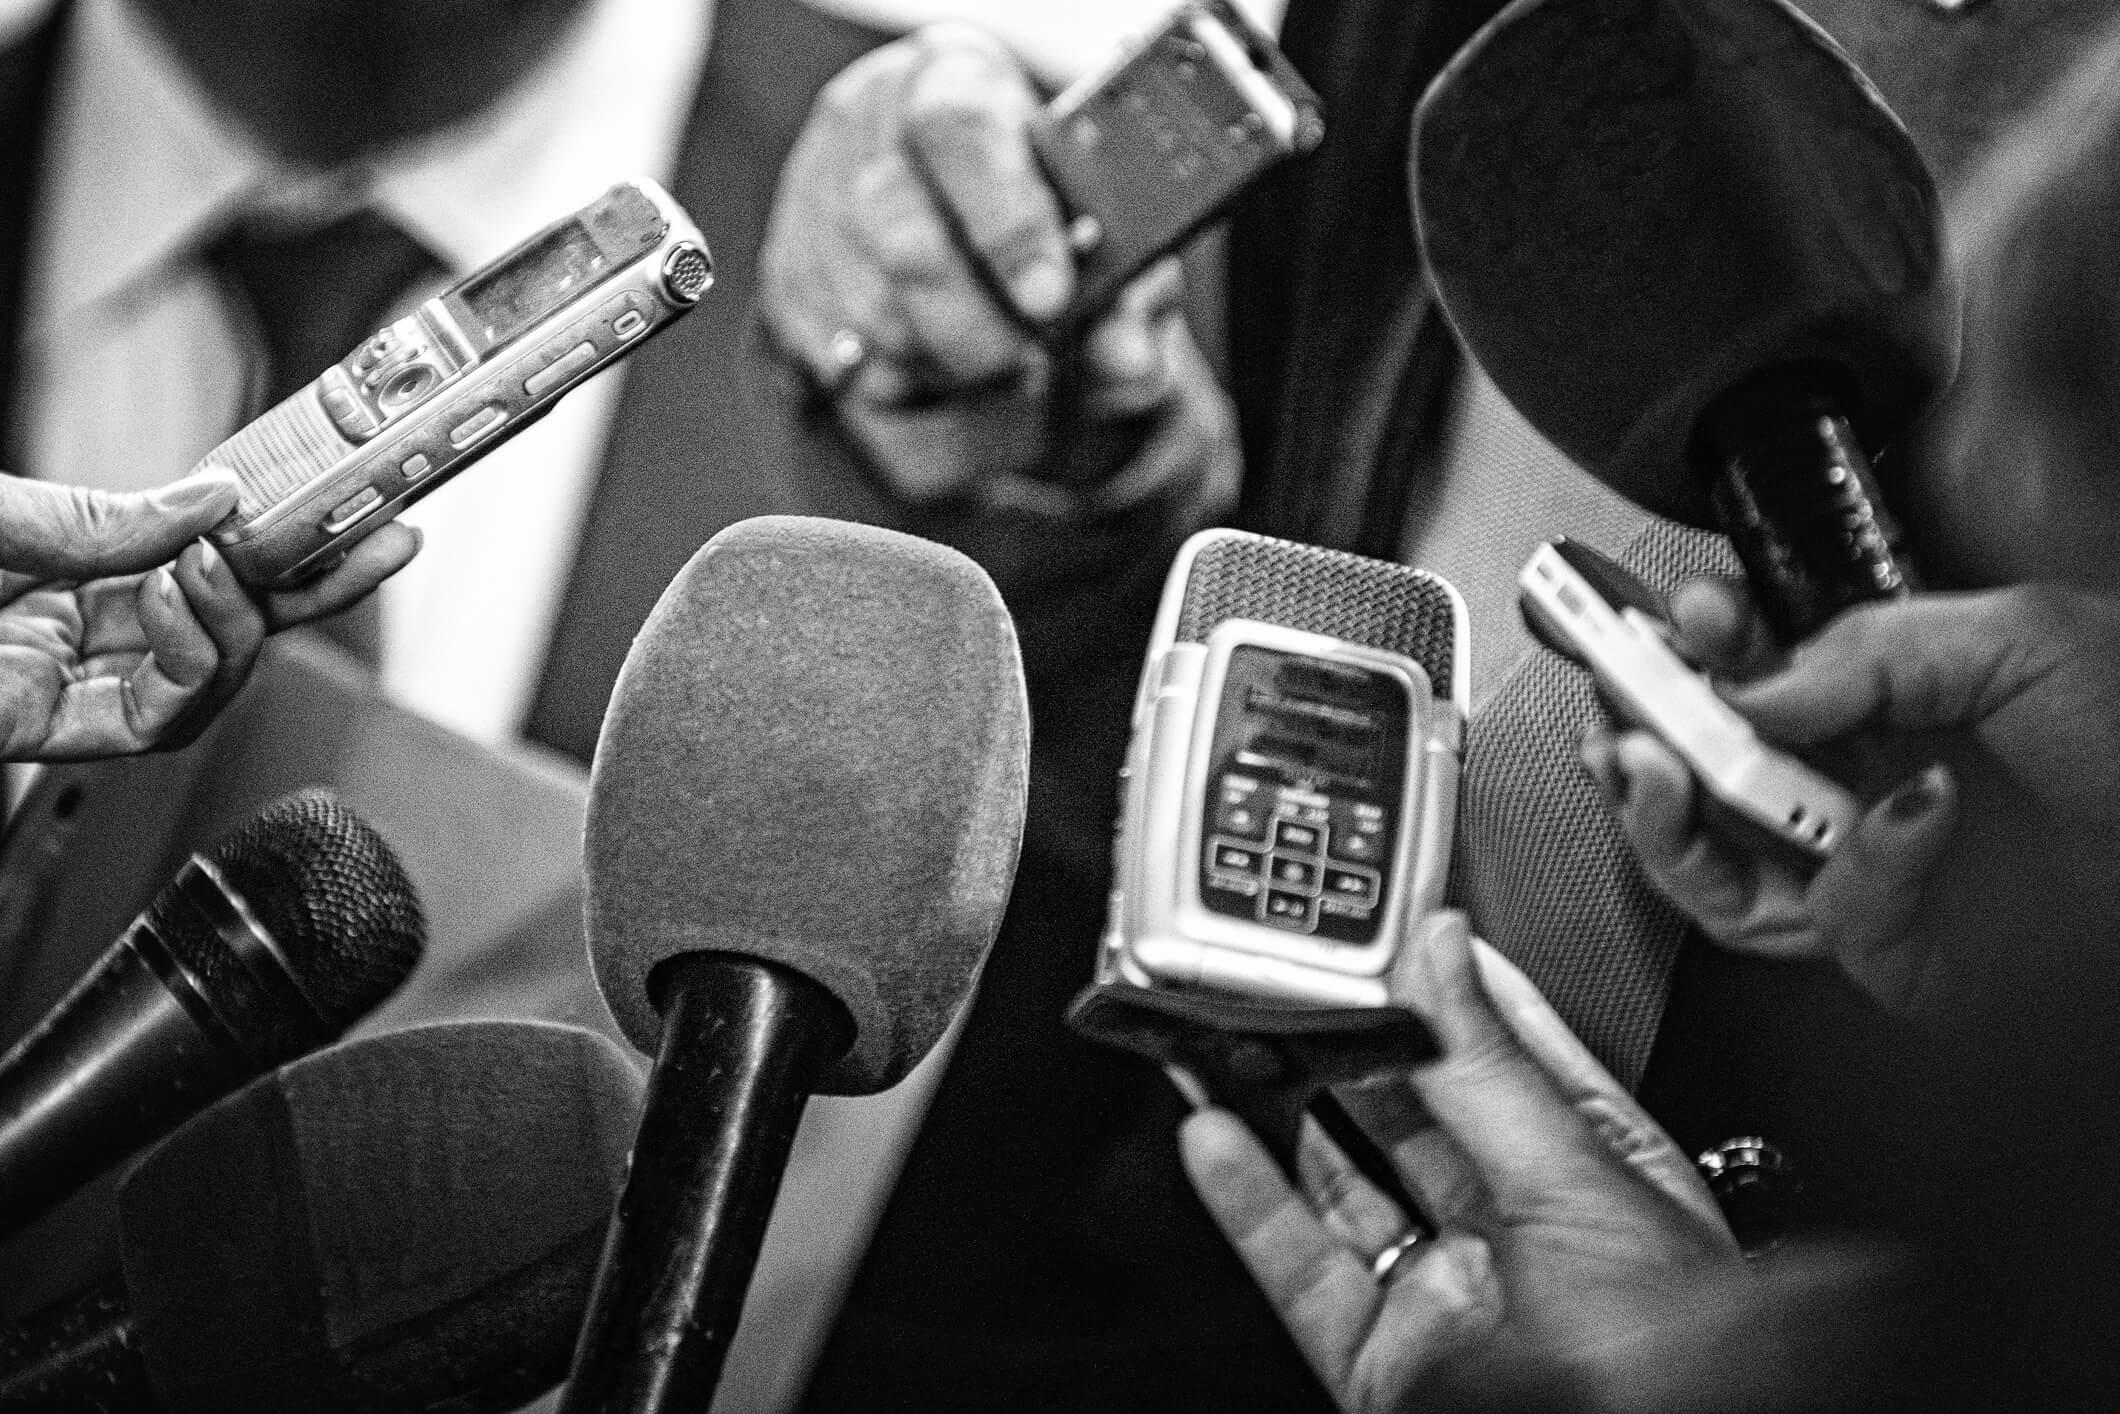 Coronavírus: O que a imprensa tem aprendido com a pandemia